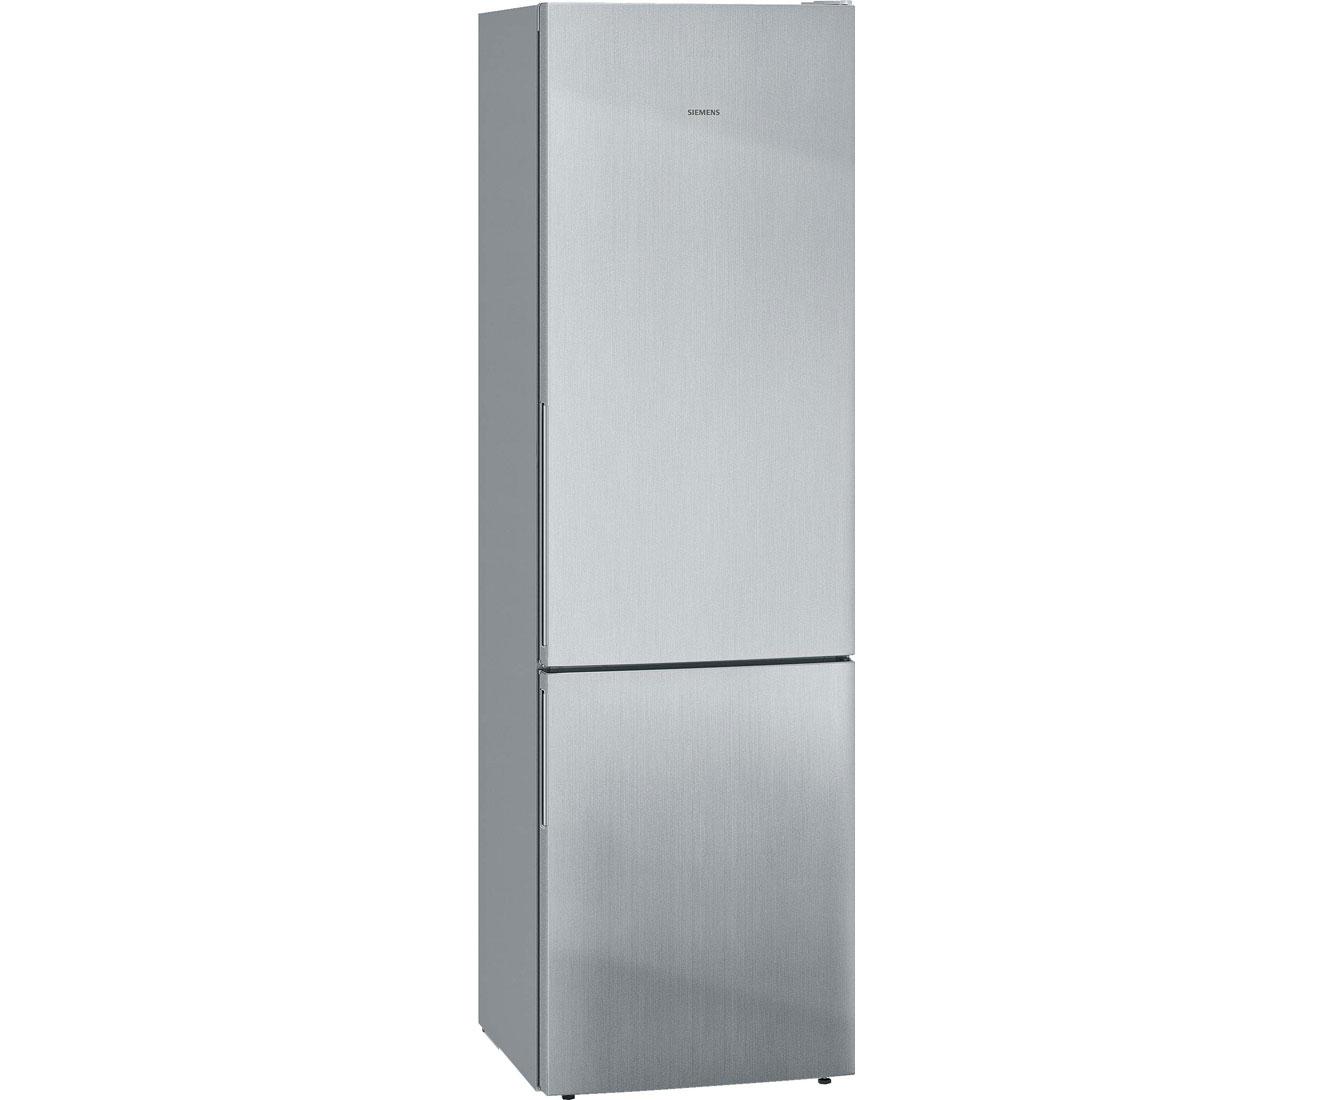 Siemens Kühlschrank Tür Umbauen : Siemens kg39edi40 kühl gefrierkombination 60er breite edelstahl a